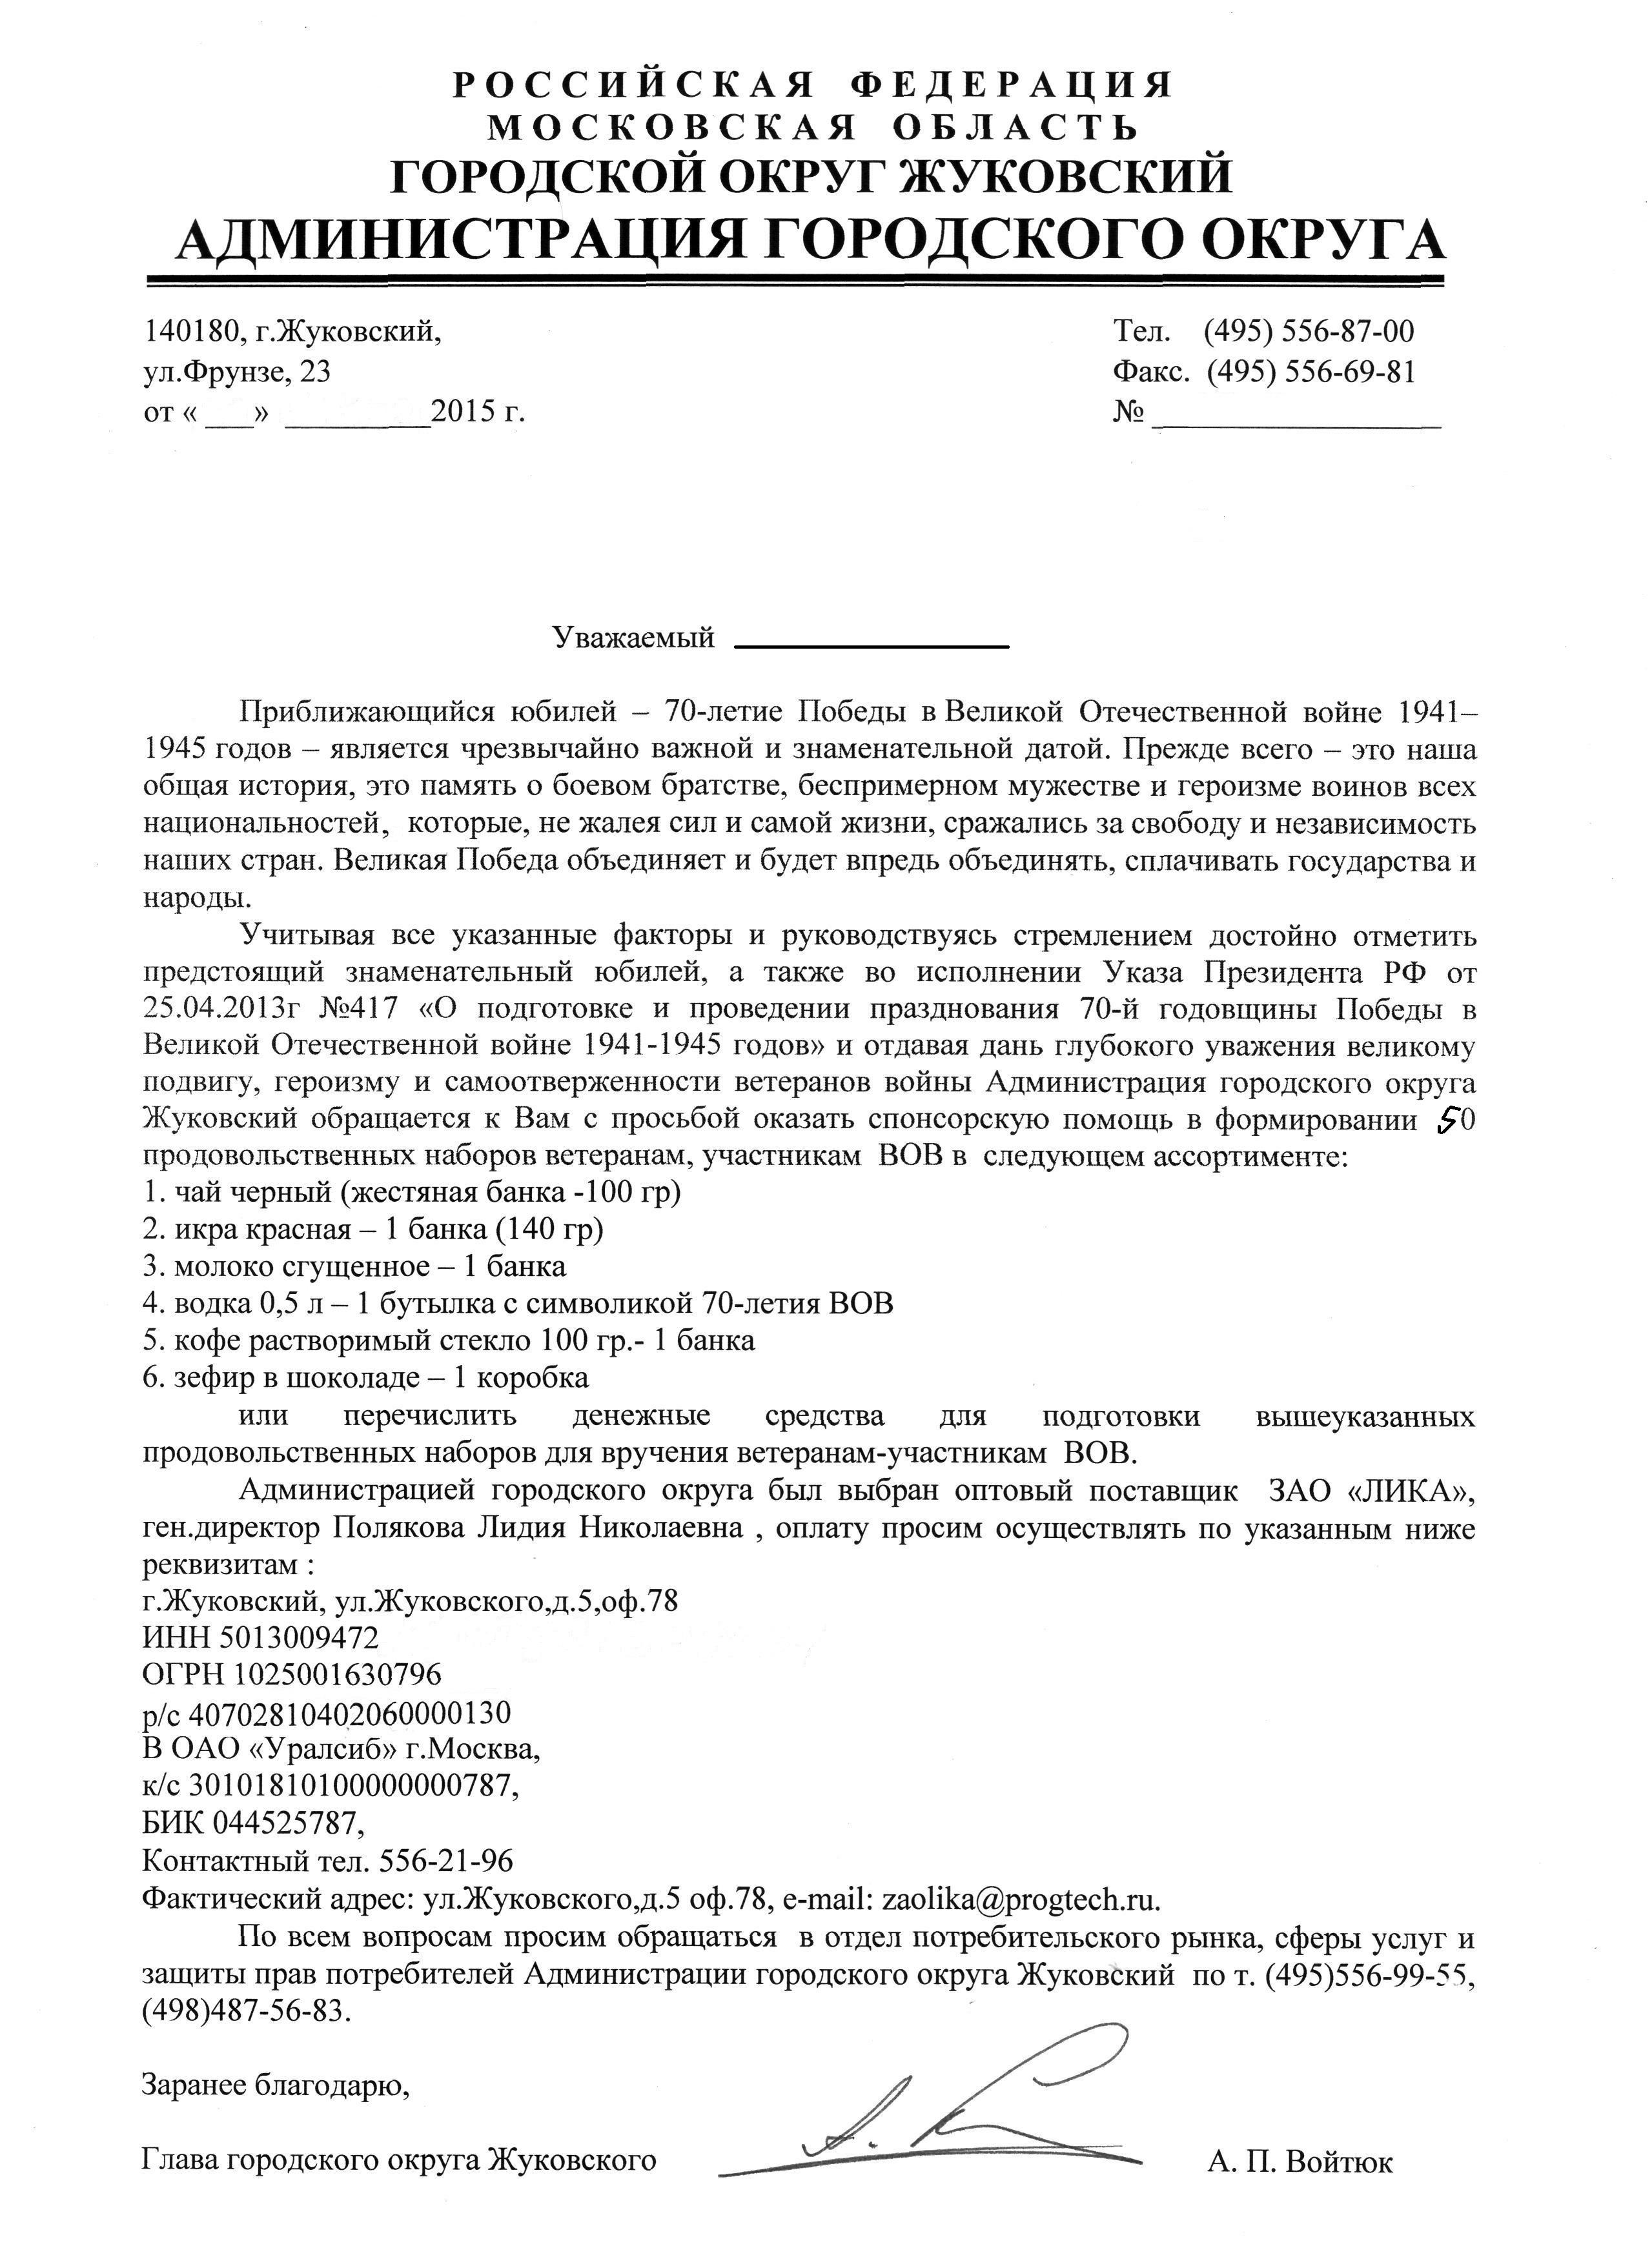 Письмо А.П. Войтюка с просьбой оказать спонсорскую помощь